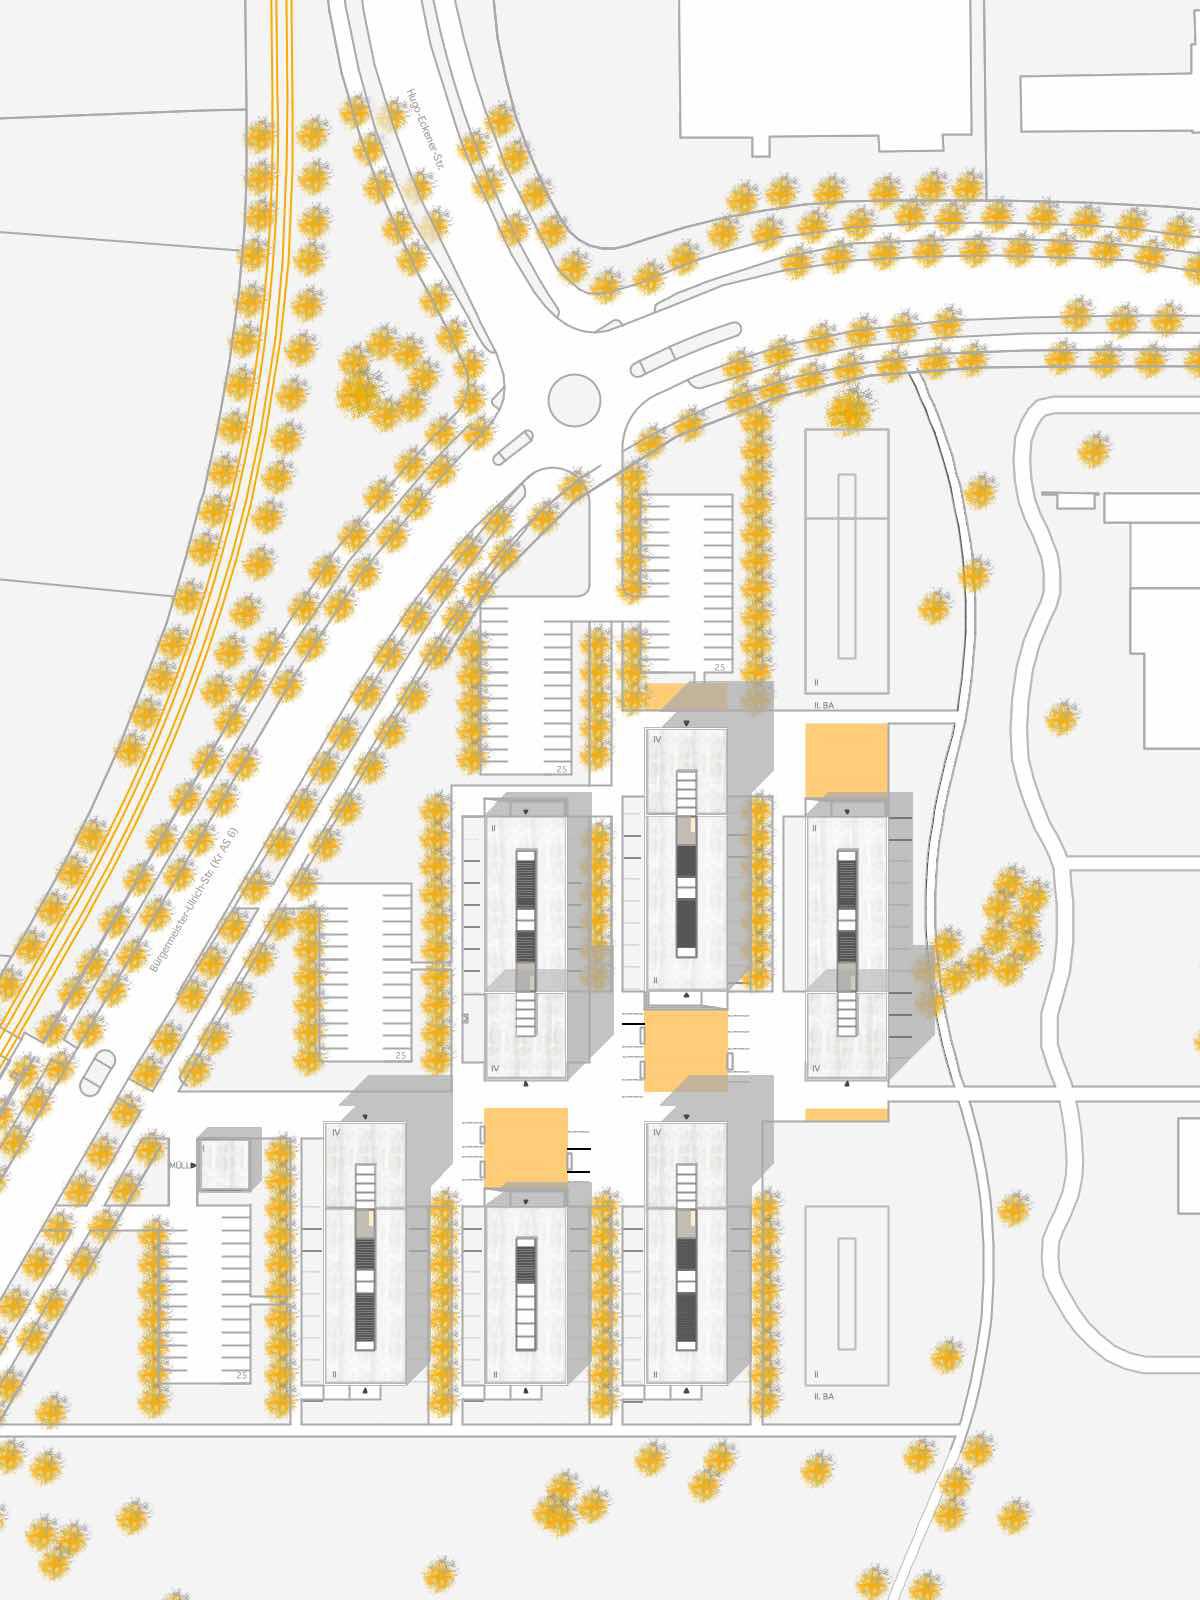 Lageplan-Neubau eines Studentenwohnheims in Augsburg-Wettbewerb-2009-5.Preis-© Friedrich-Poerschke-Zwink-Architekten